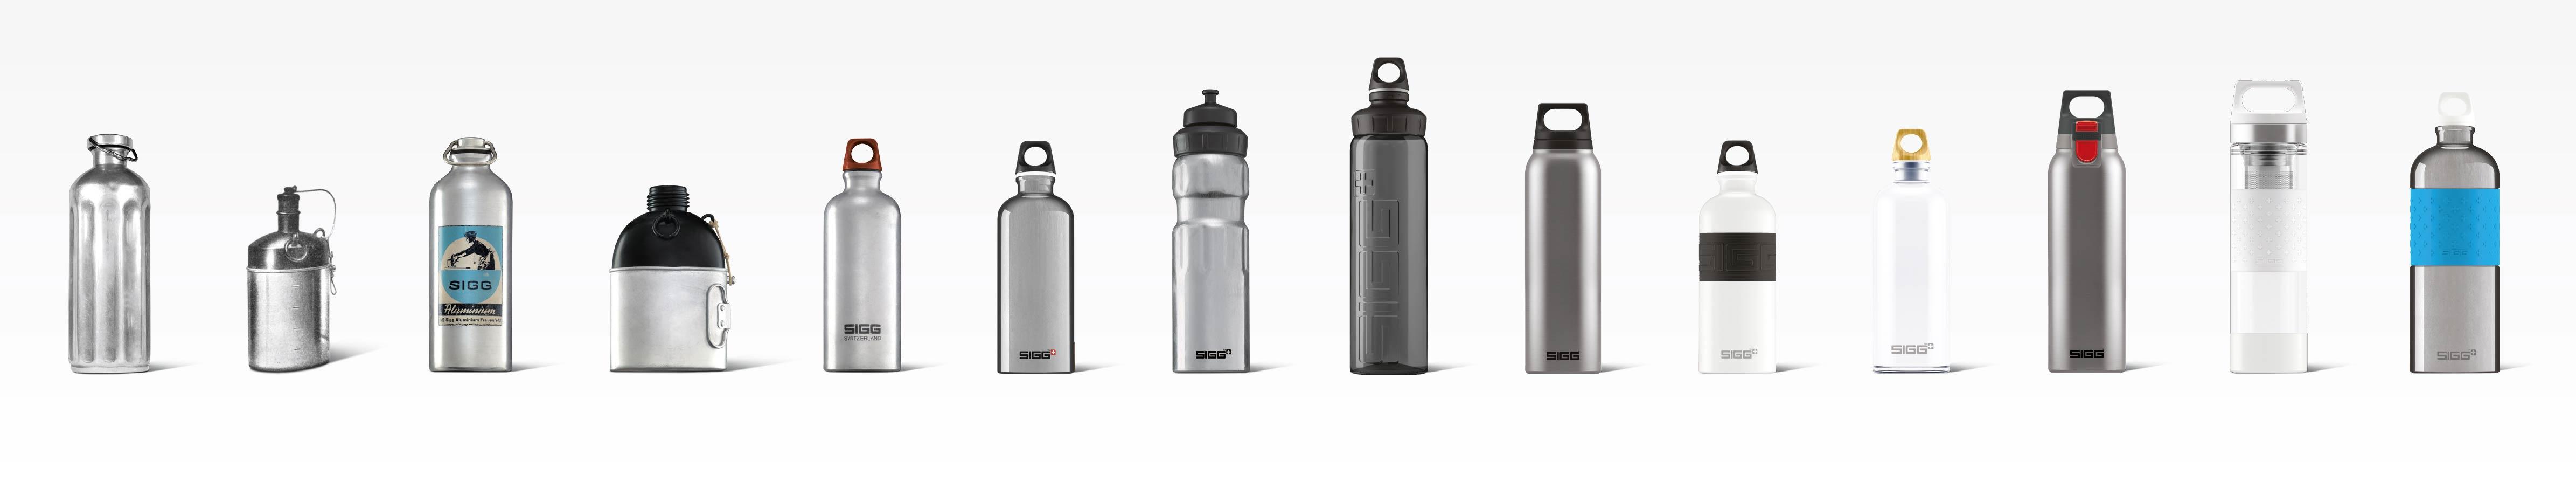 SIGG_Bottle_Evolution